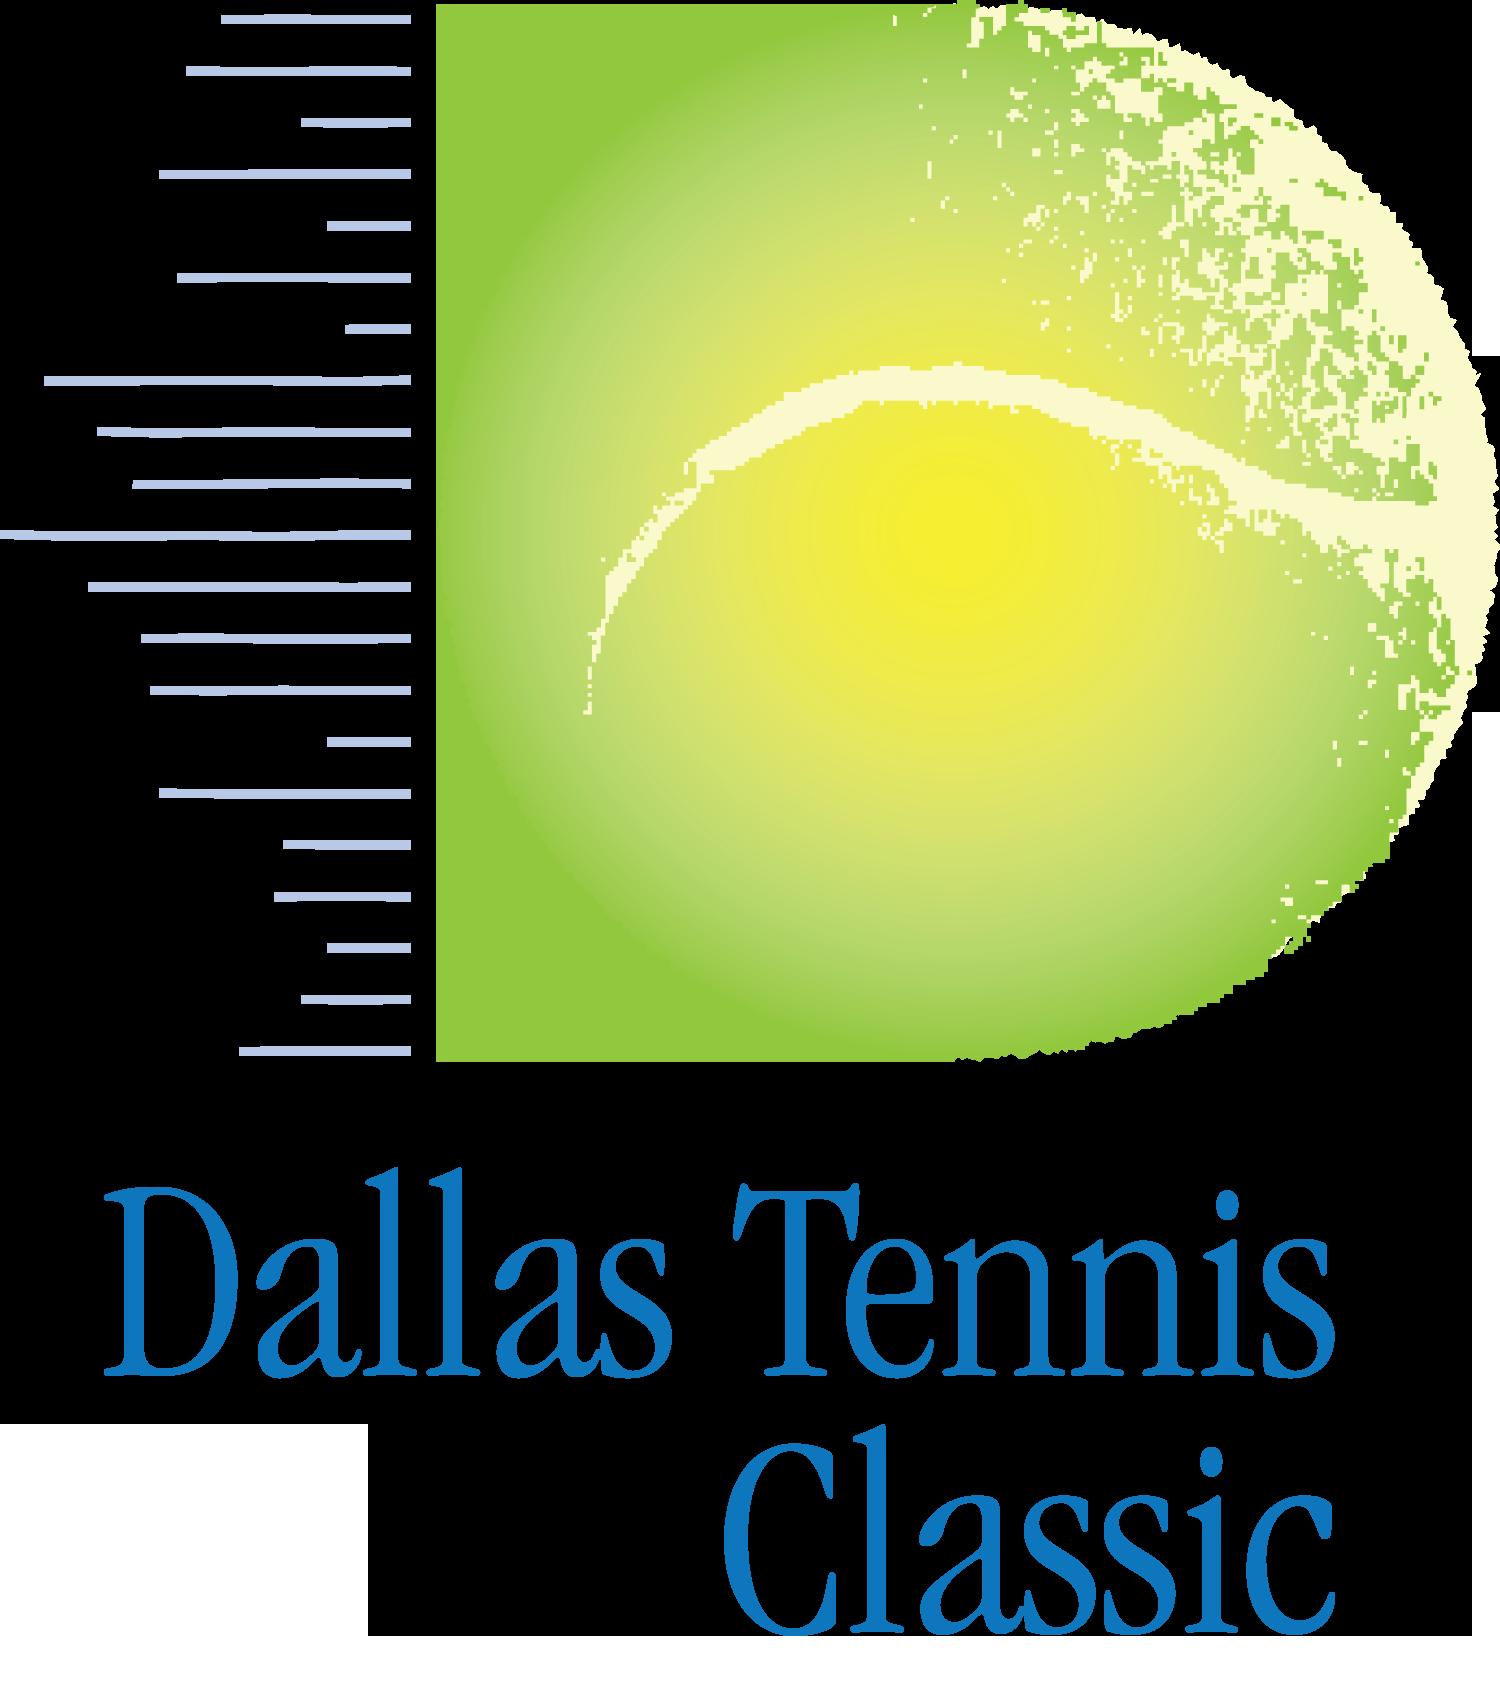 Dallas Tennis Classic